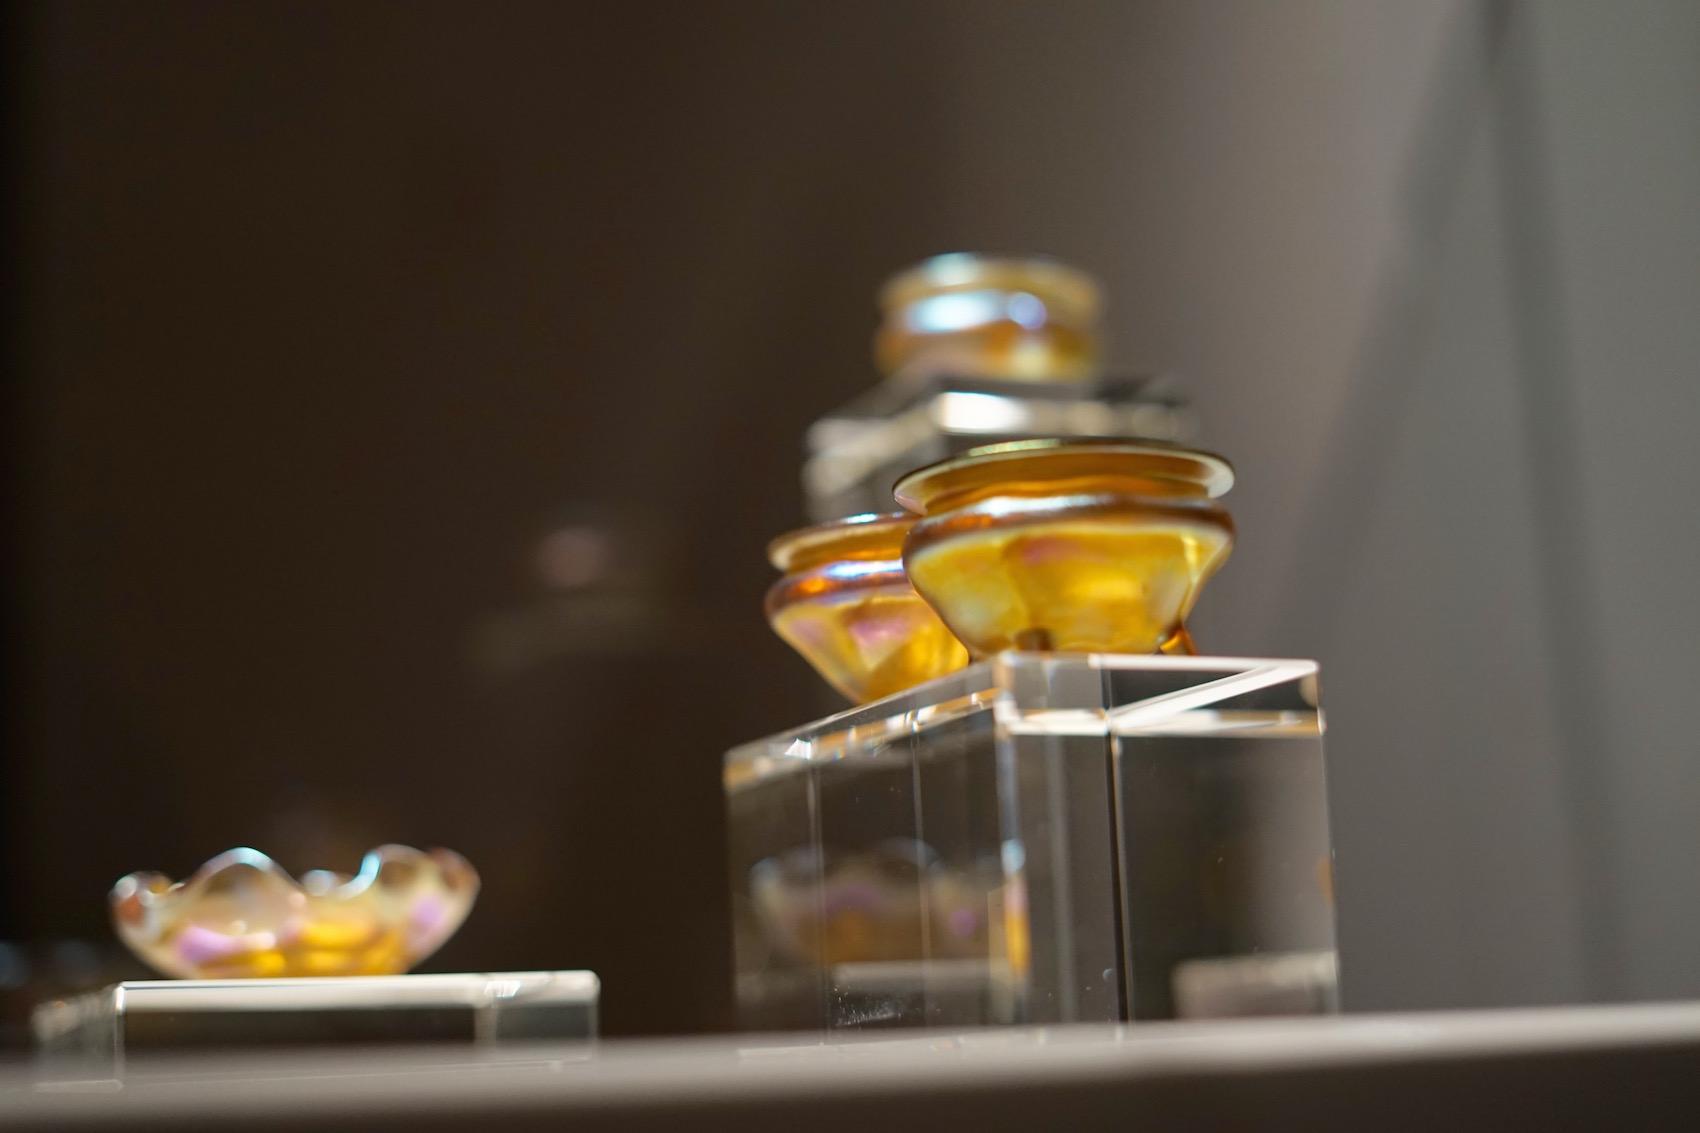 Oprowadzanie: nowa wystawa solniczek